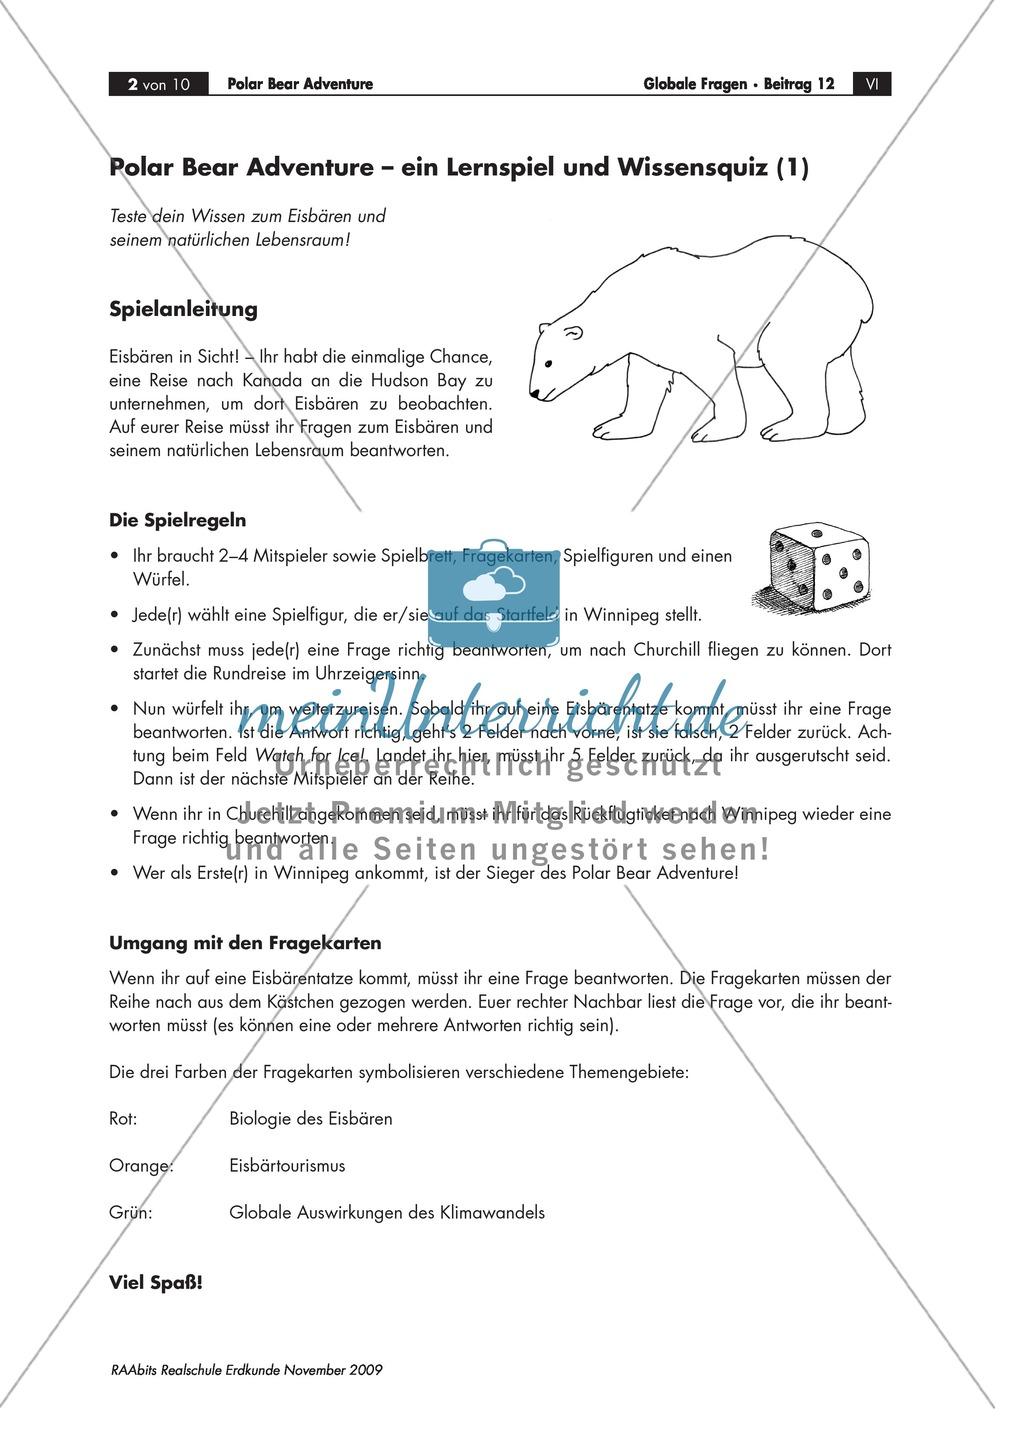 Ein Lernspiel und Wissensquiz zum Polarbären: Biologie + Eisbärtourismus + Ökosystem + Klimawandel Preview 0